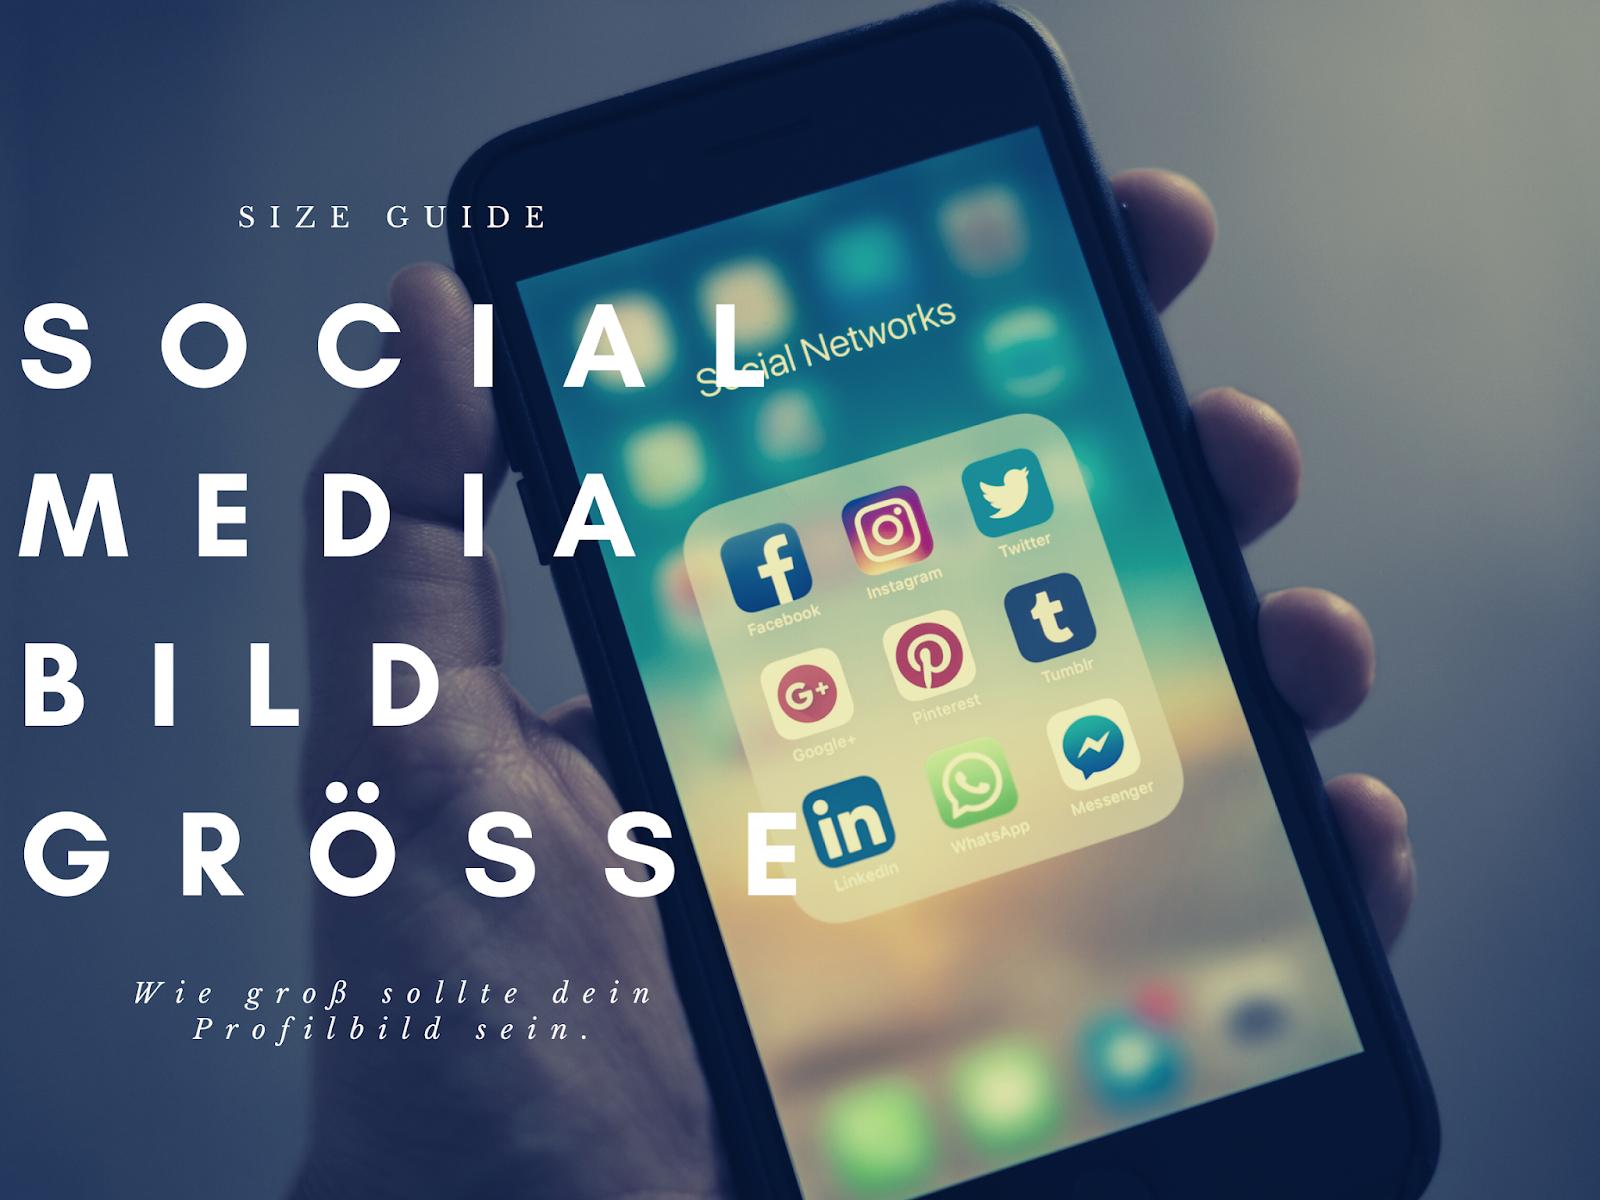 Die passende Bildgröße für dein Social Media Profil finden | Wie groß sollte dein Profilbild sein